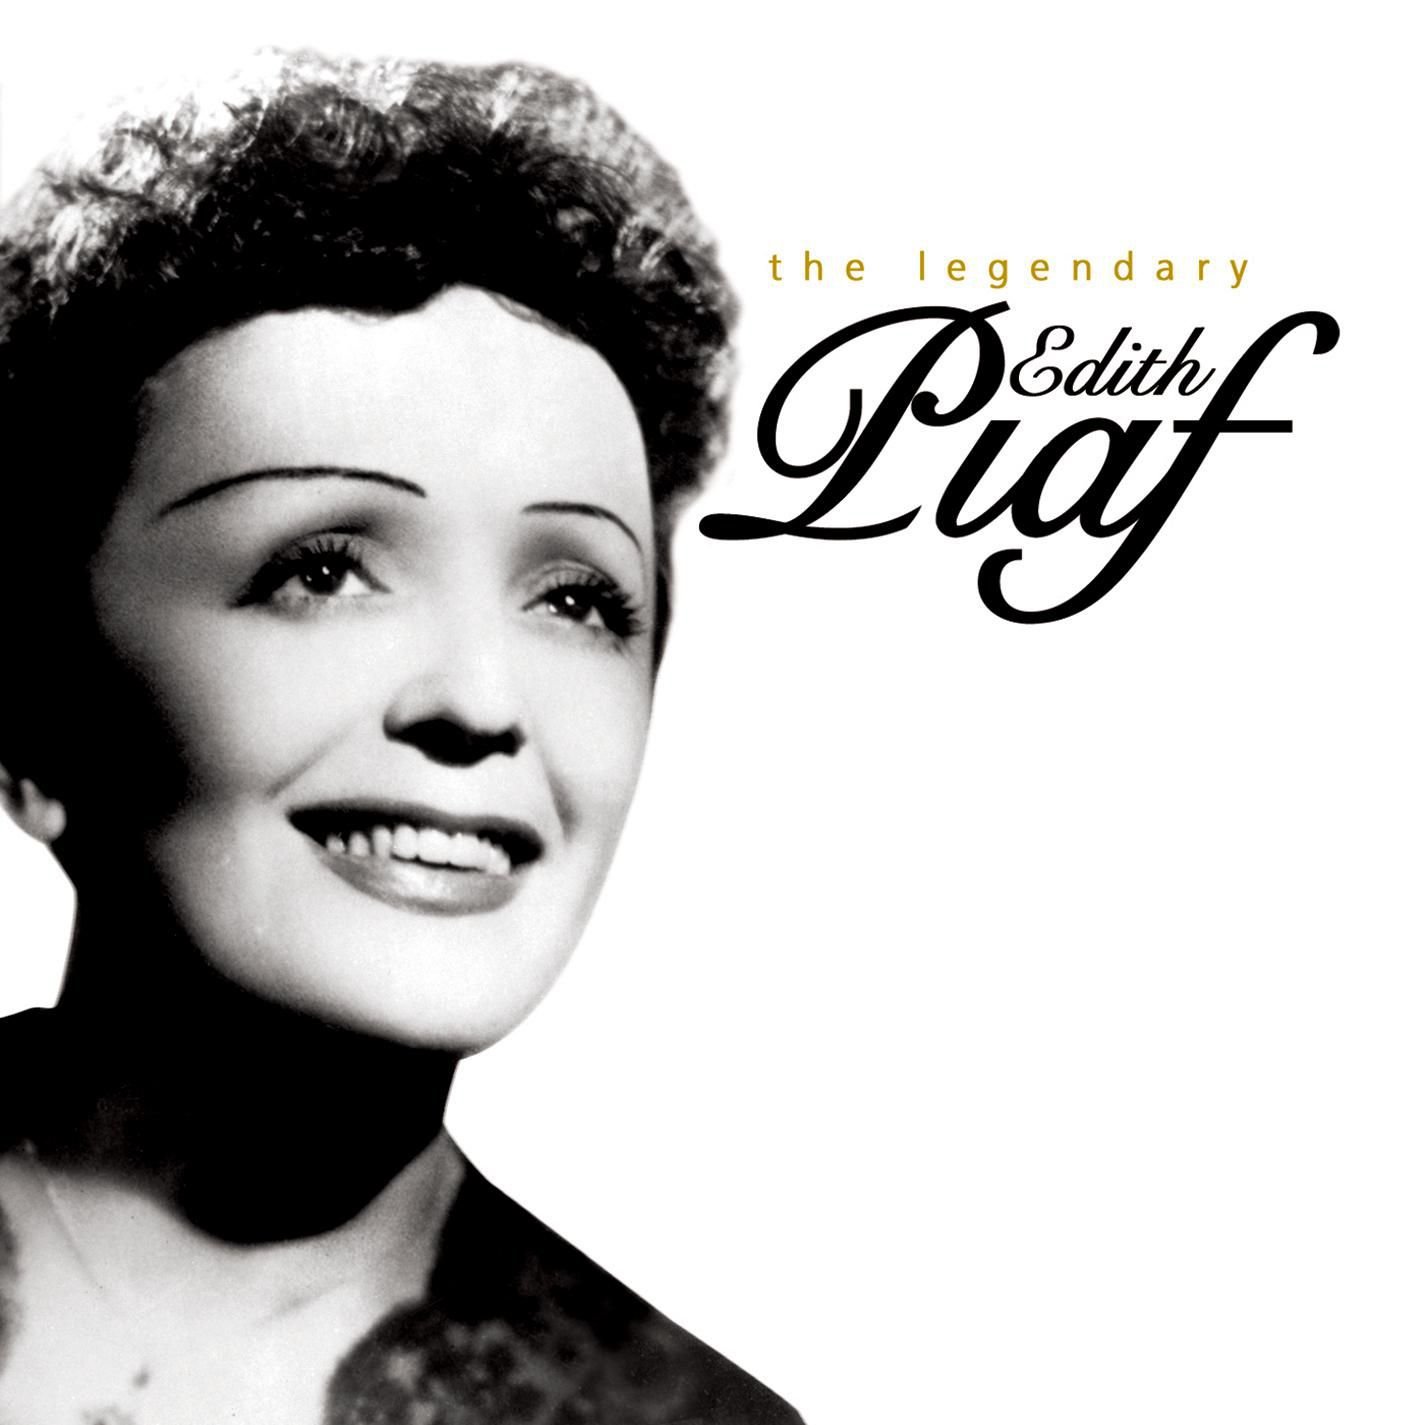 Edith piaf edith piaf flac free.